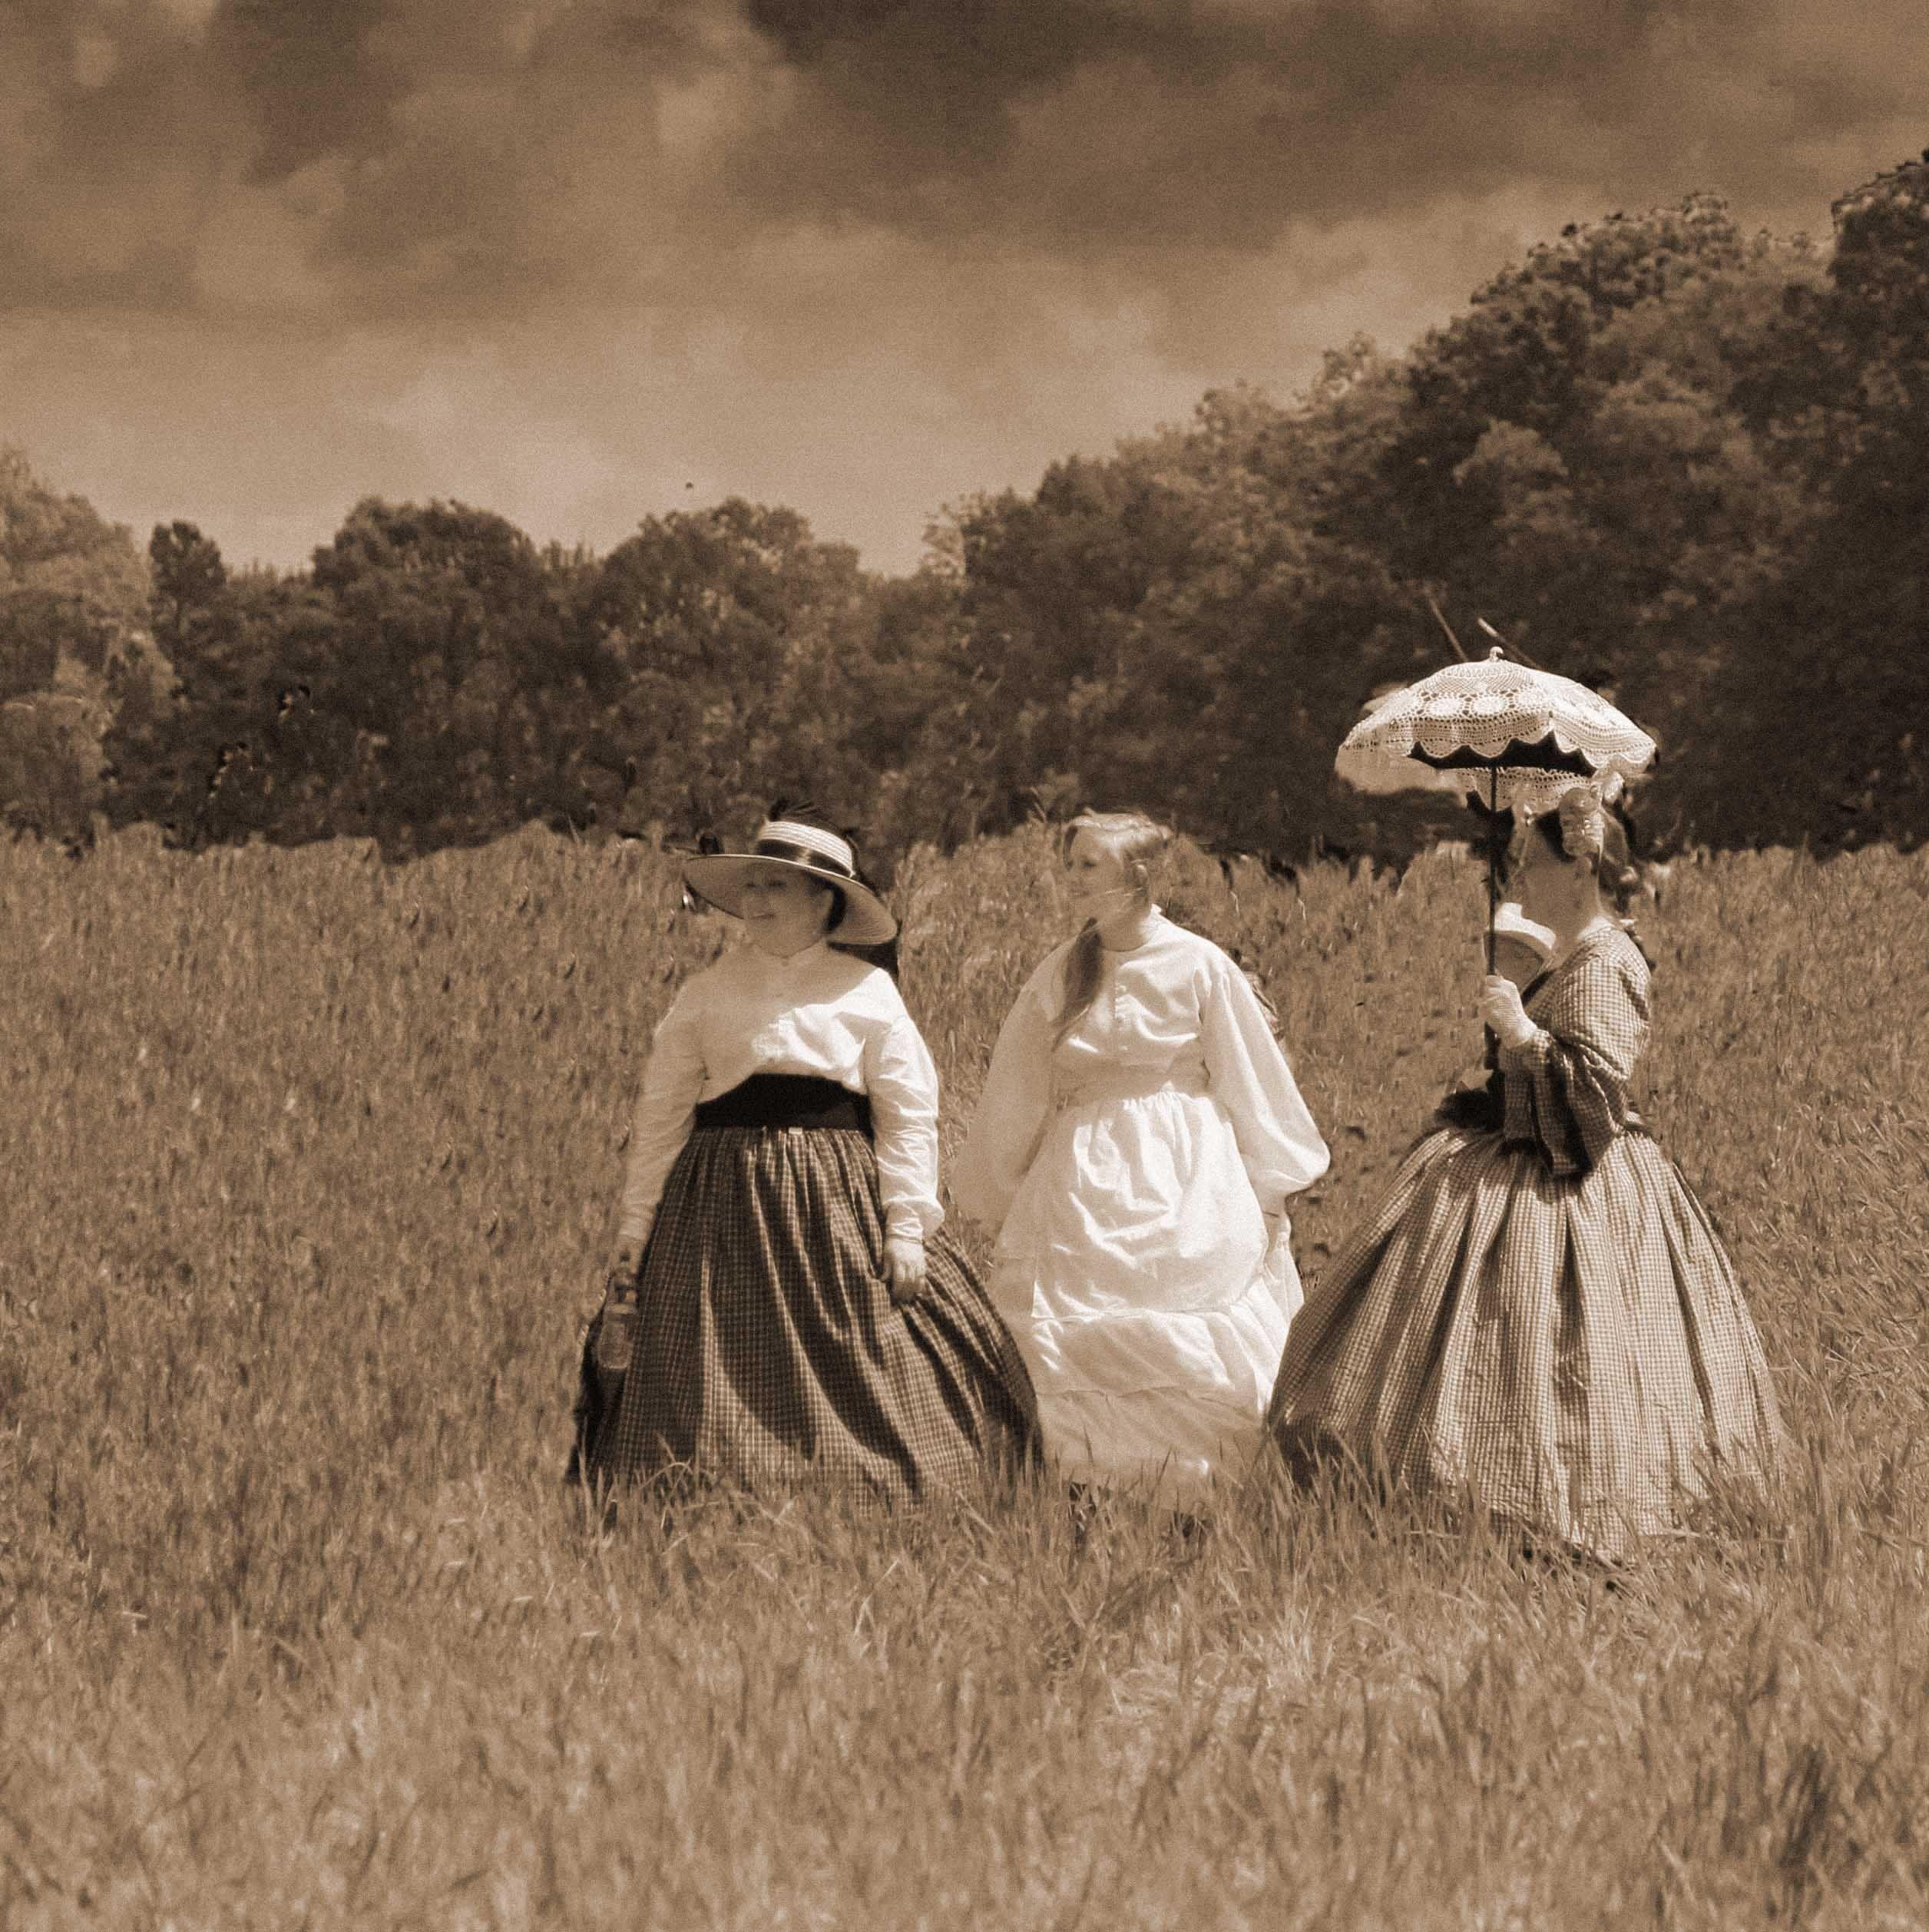 Photo I Took At A Civil War Reenactment